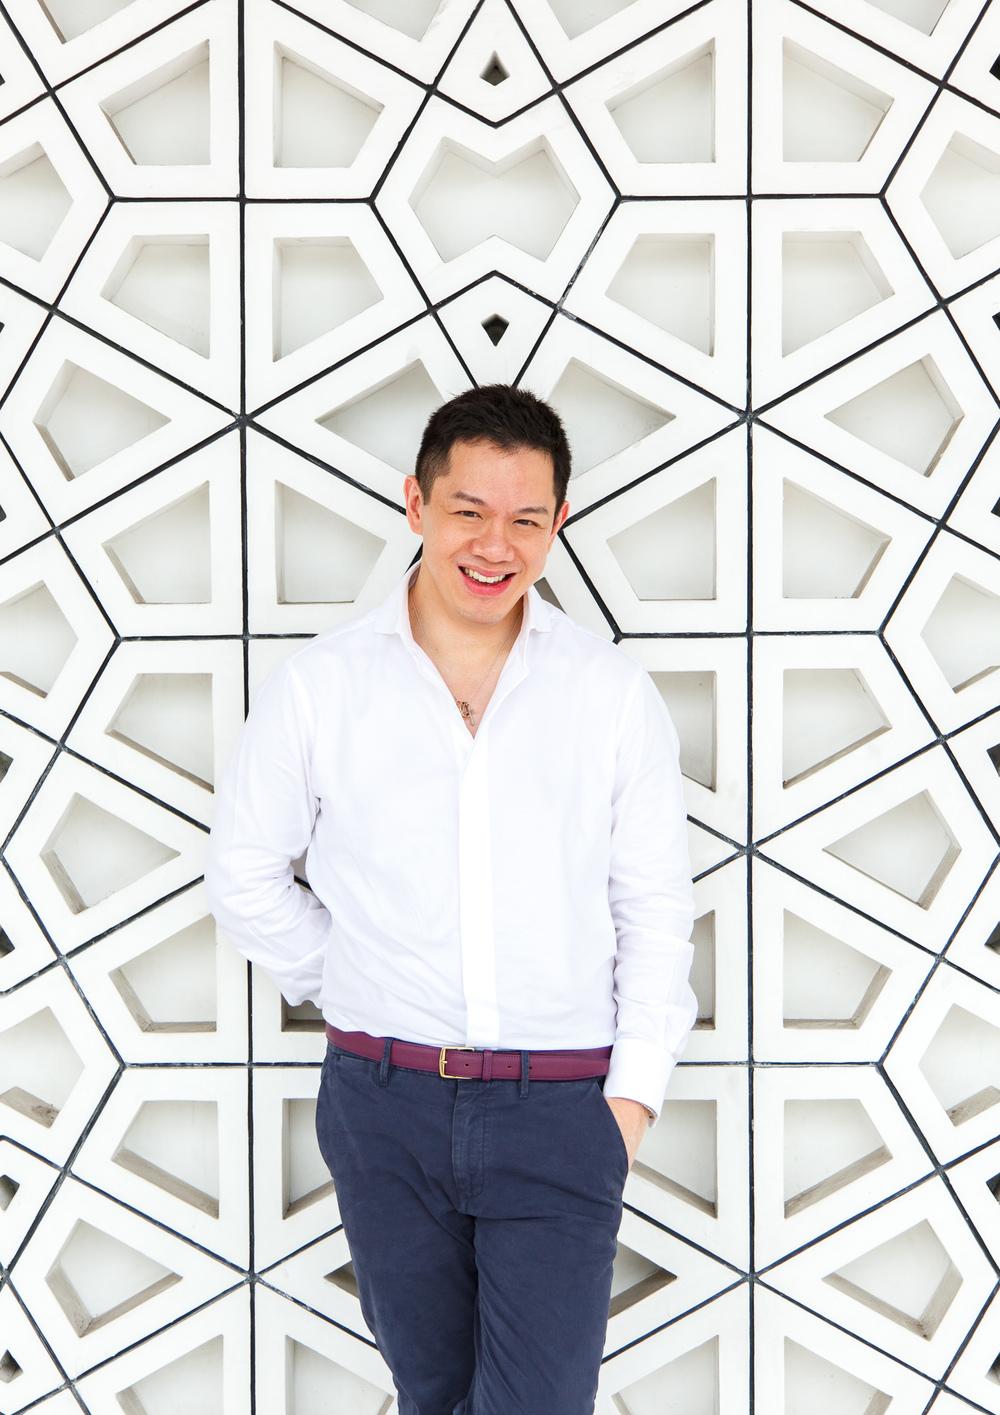 James Chau